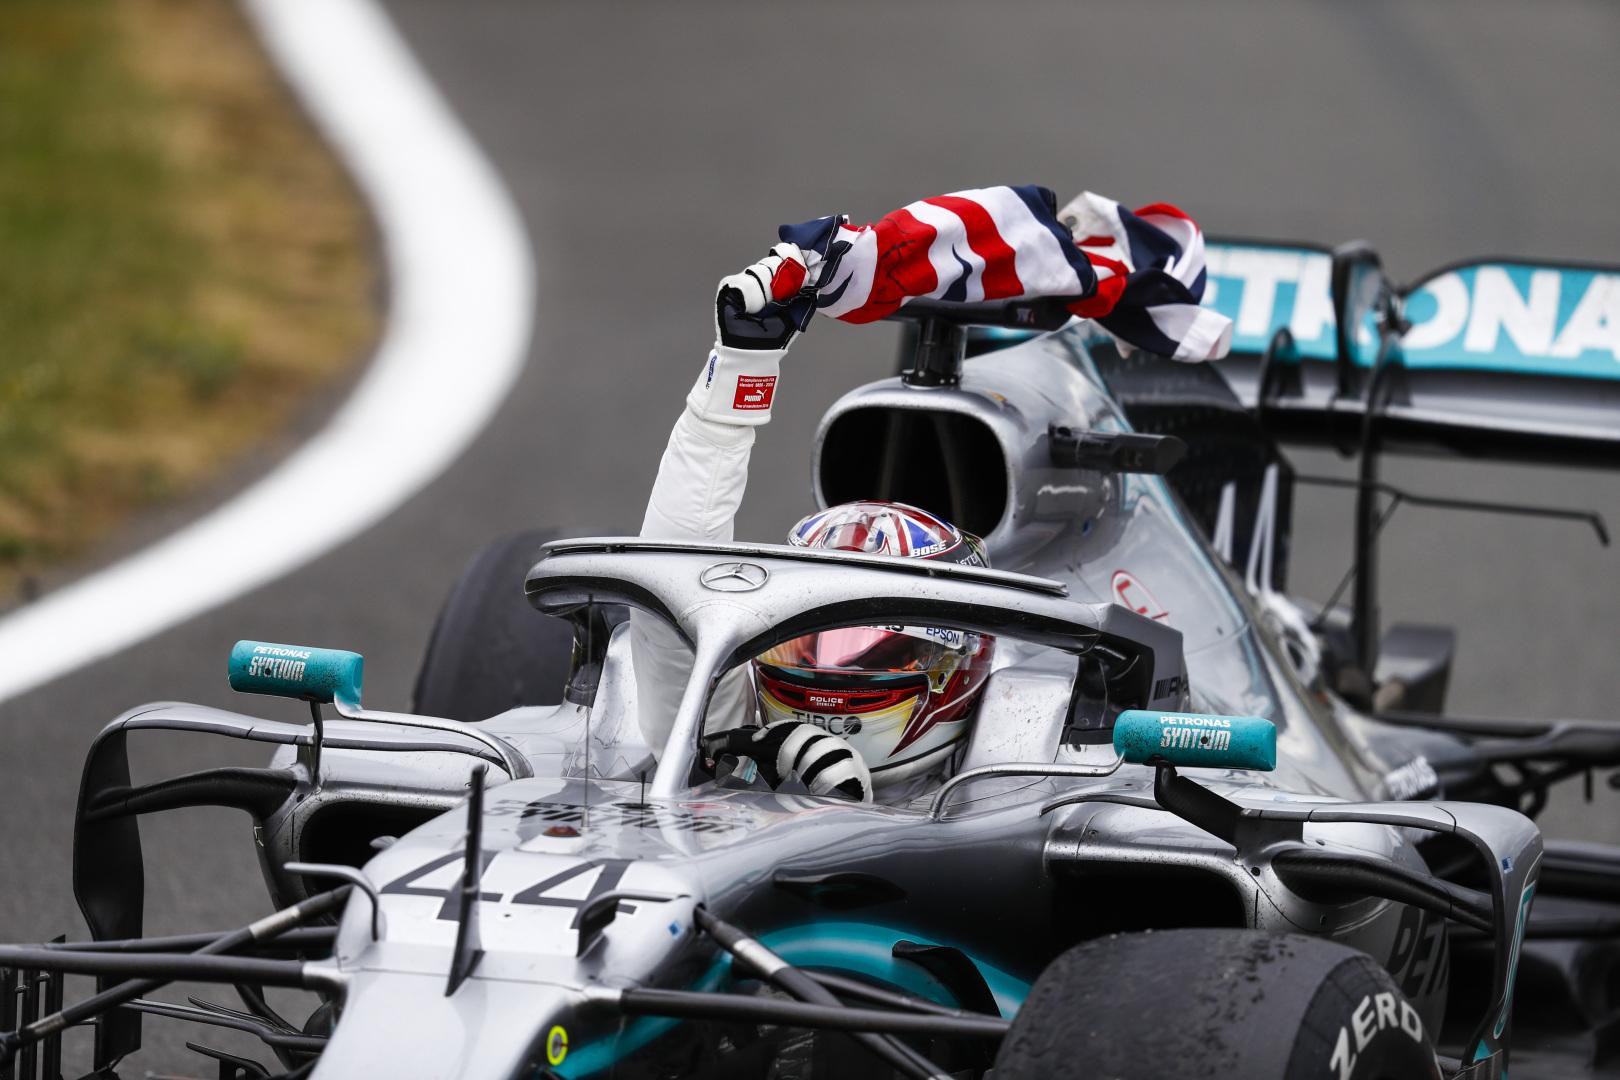 Europos spauda įvertino Didžiosios Britanijos GP lenktynes